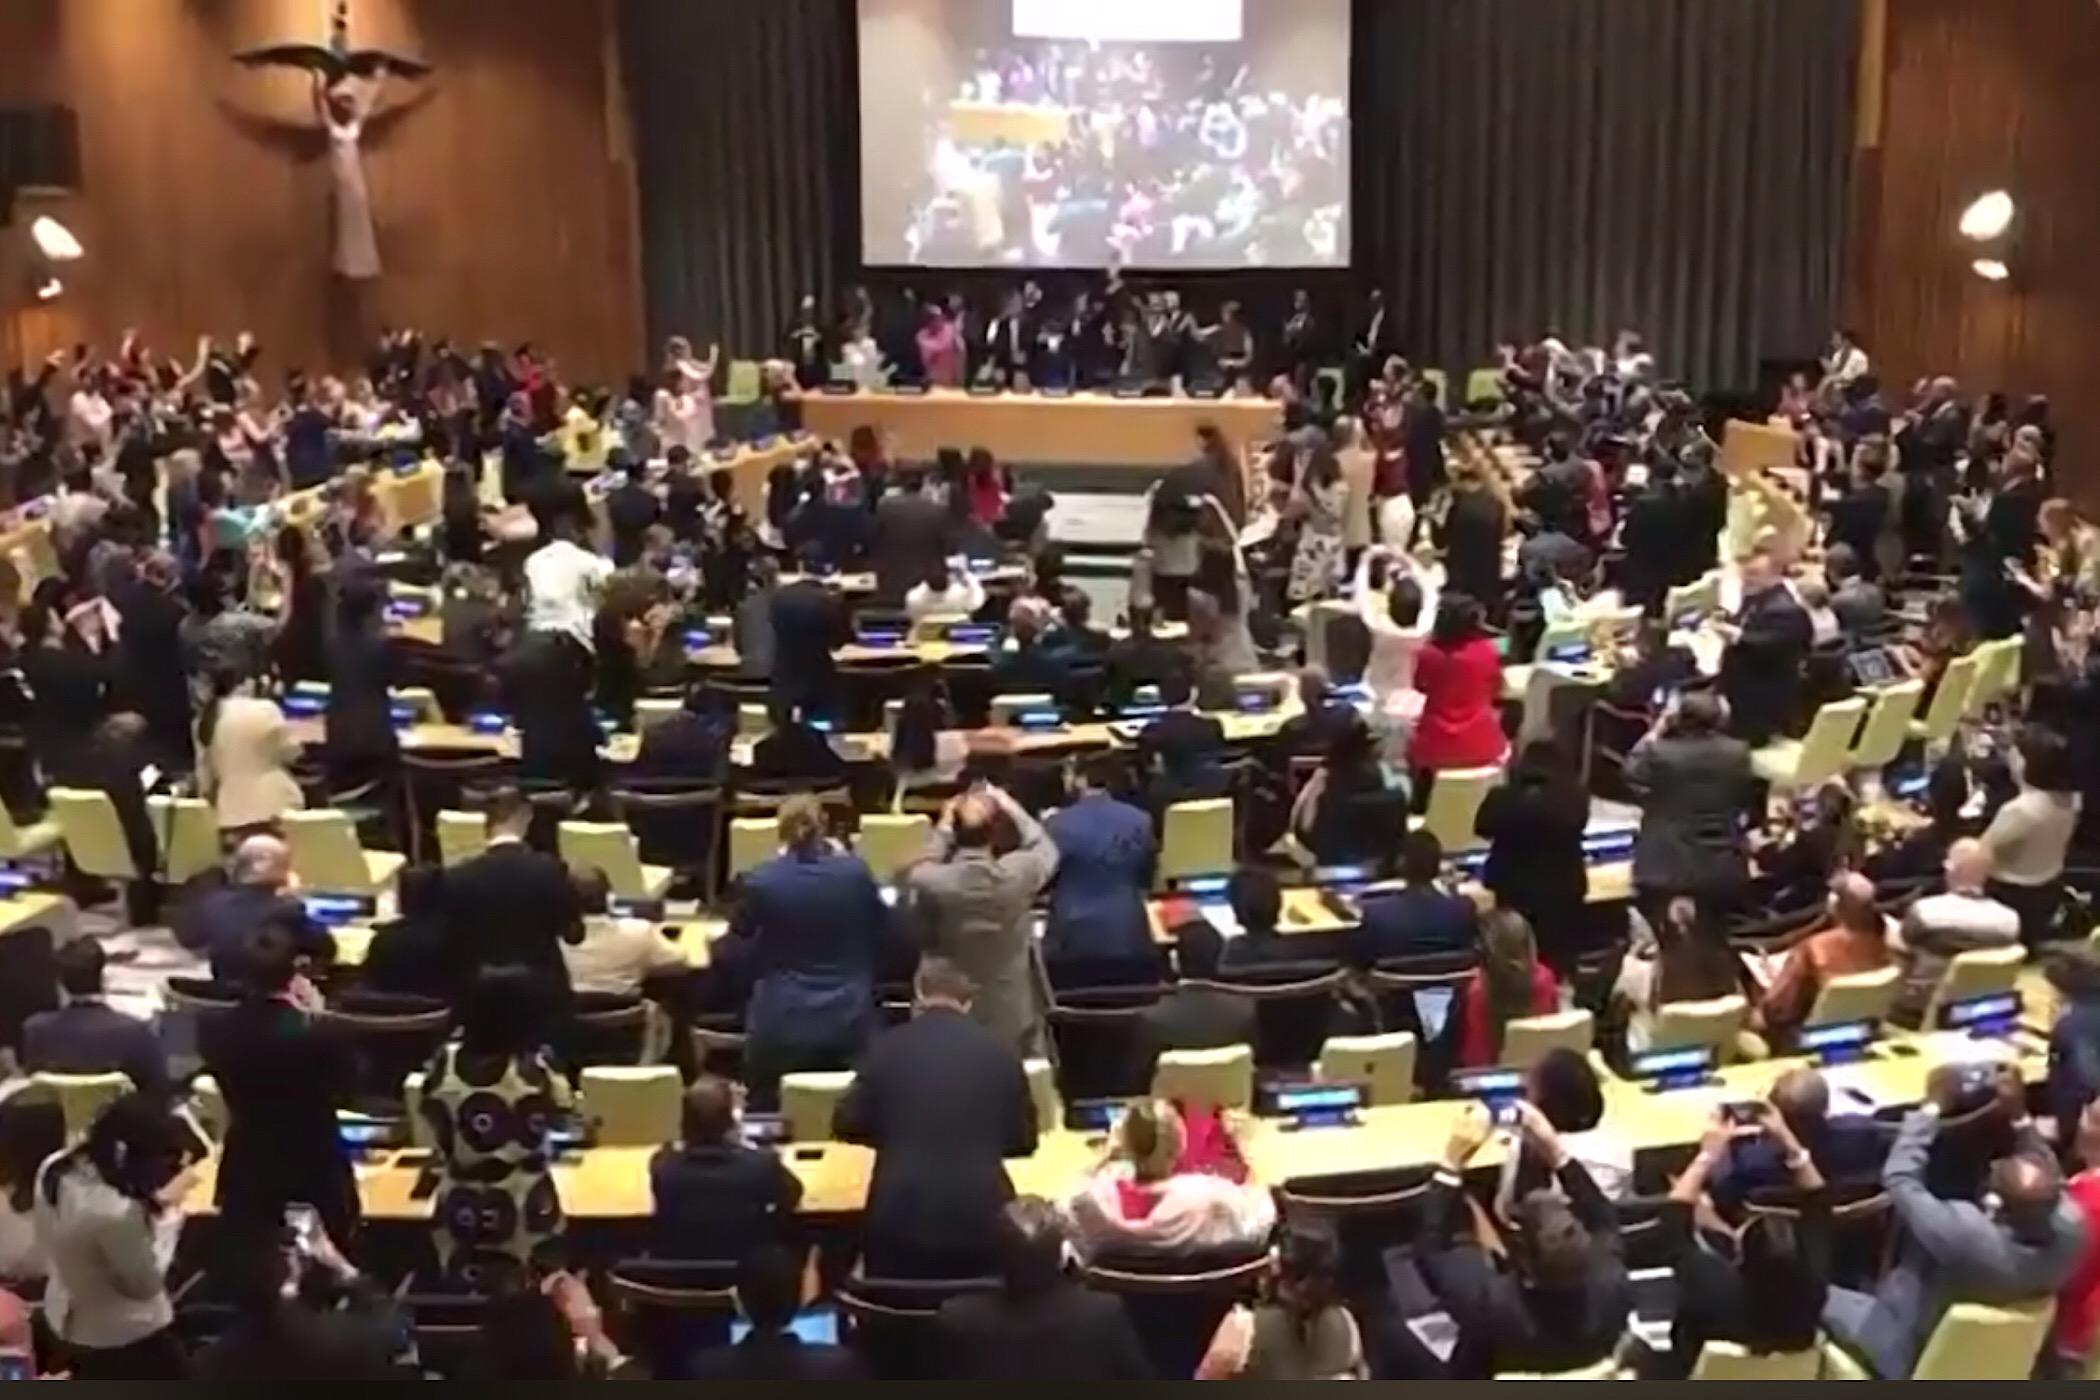 VN-publiceert-juichrapport-over-de-zegeningen-van-migratie-asher-opiniez